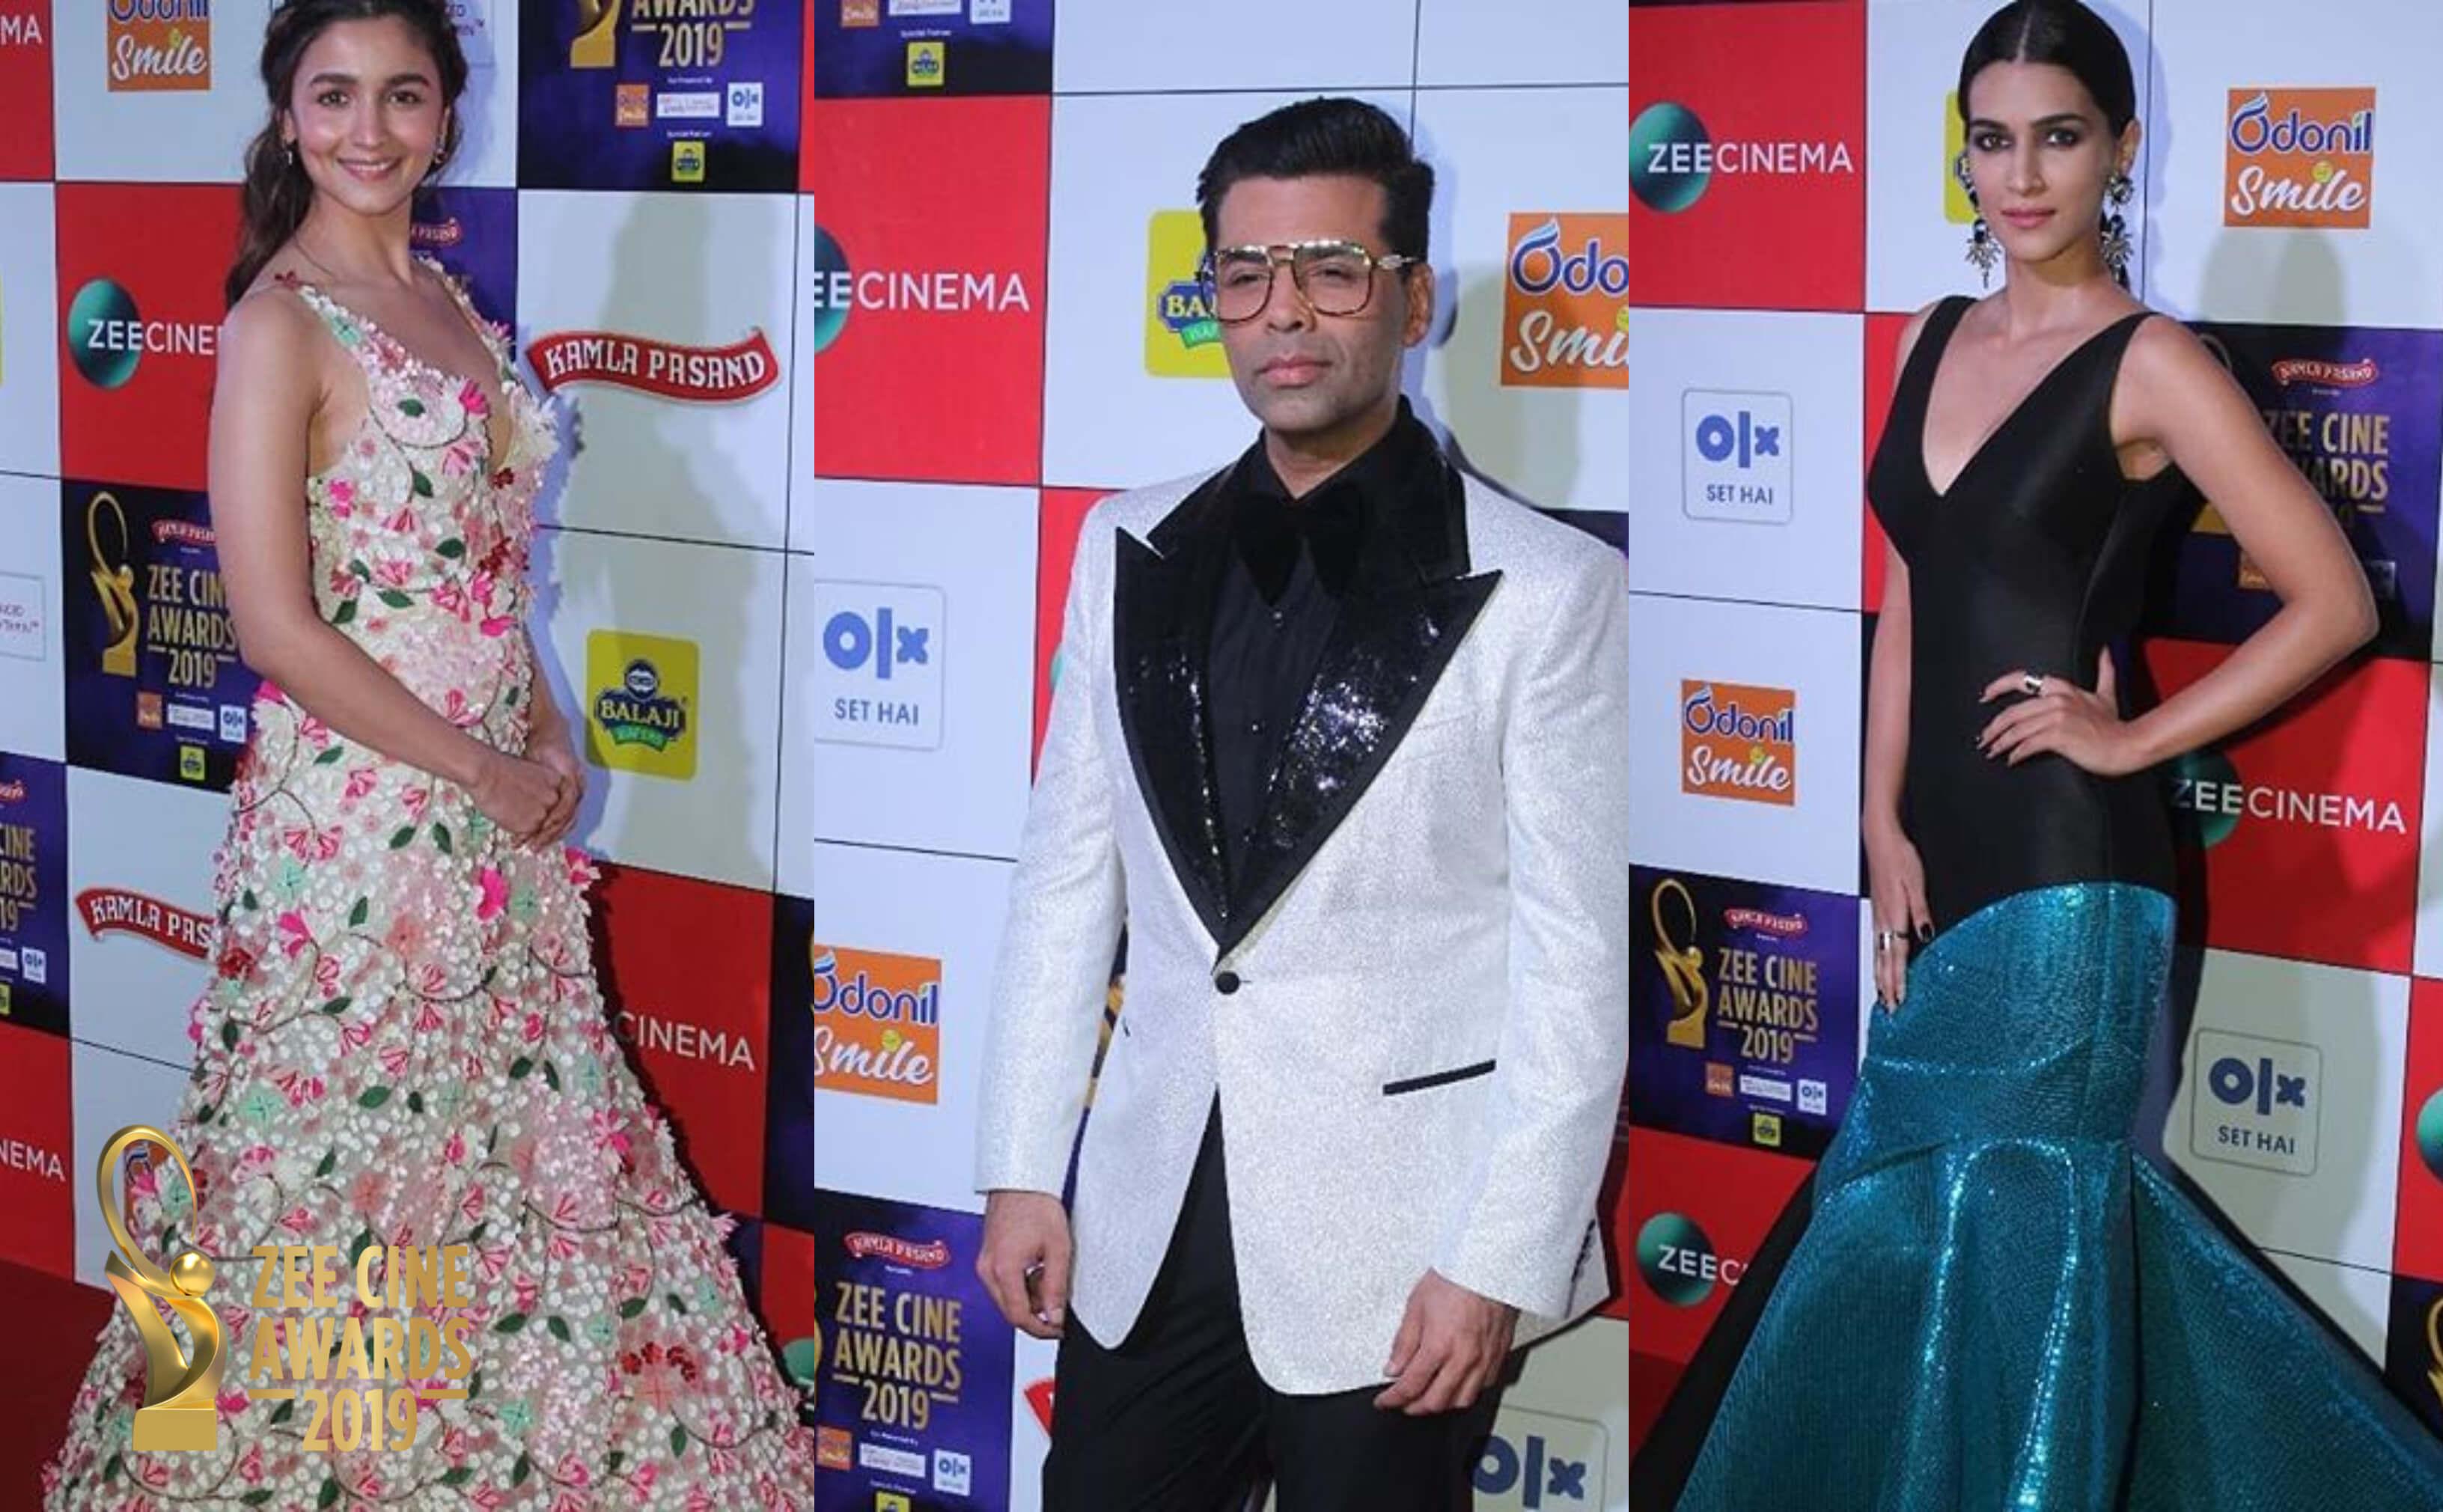 Zee Cine Award 2019 Winners